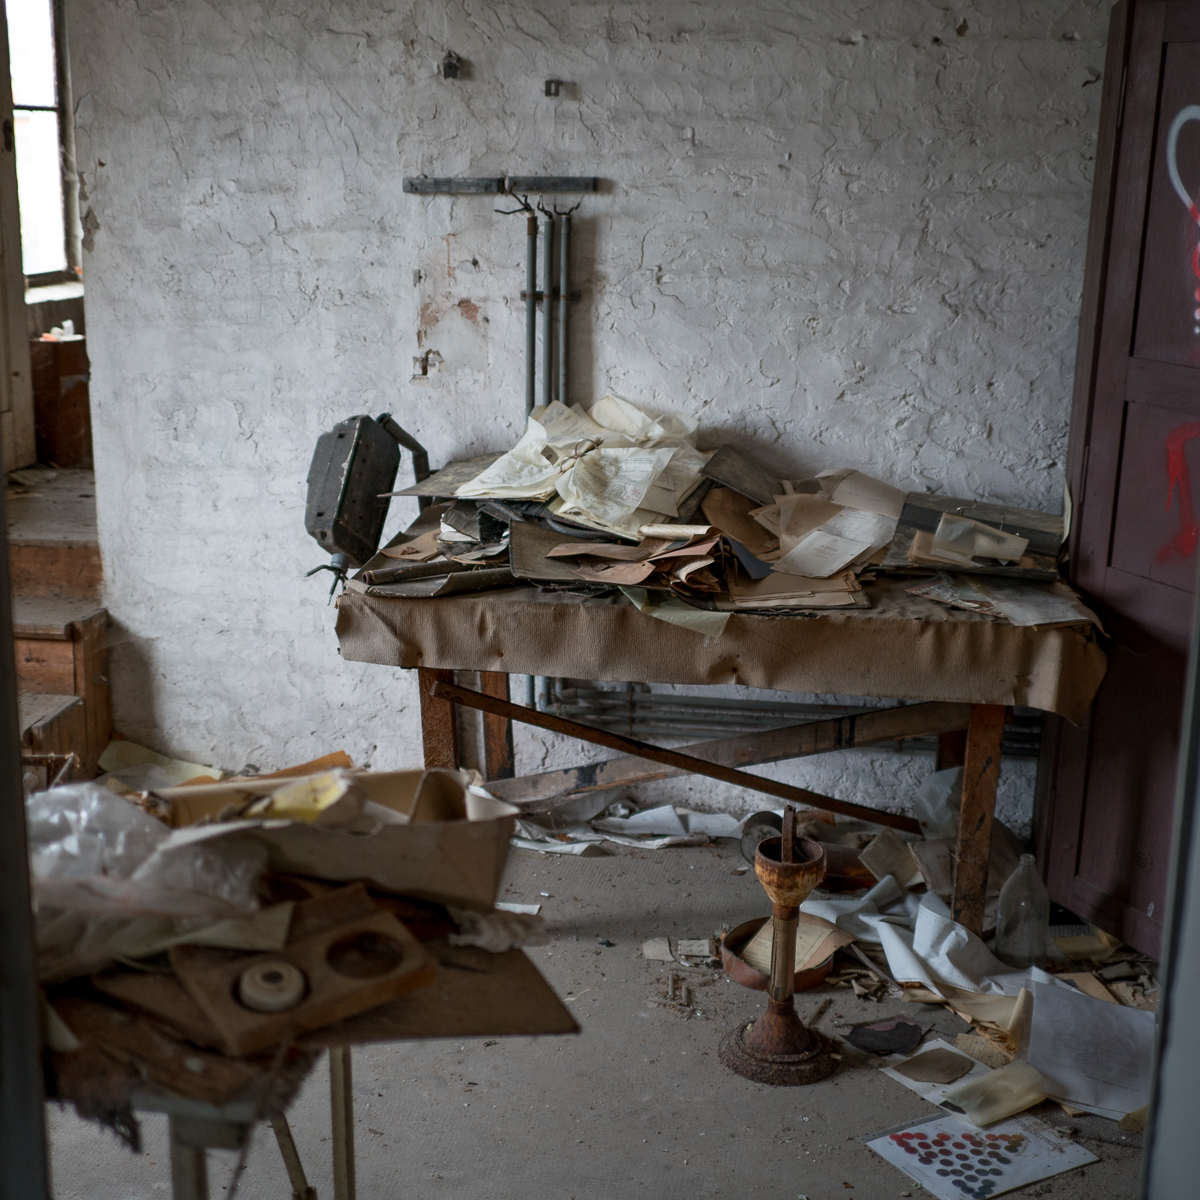 Ruheorte - Lederfabrik auf dem Lande (Lost Places/Urbex, 12 Bilder)